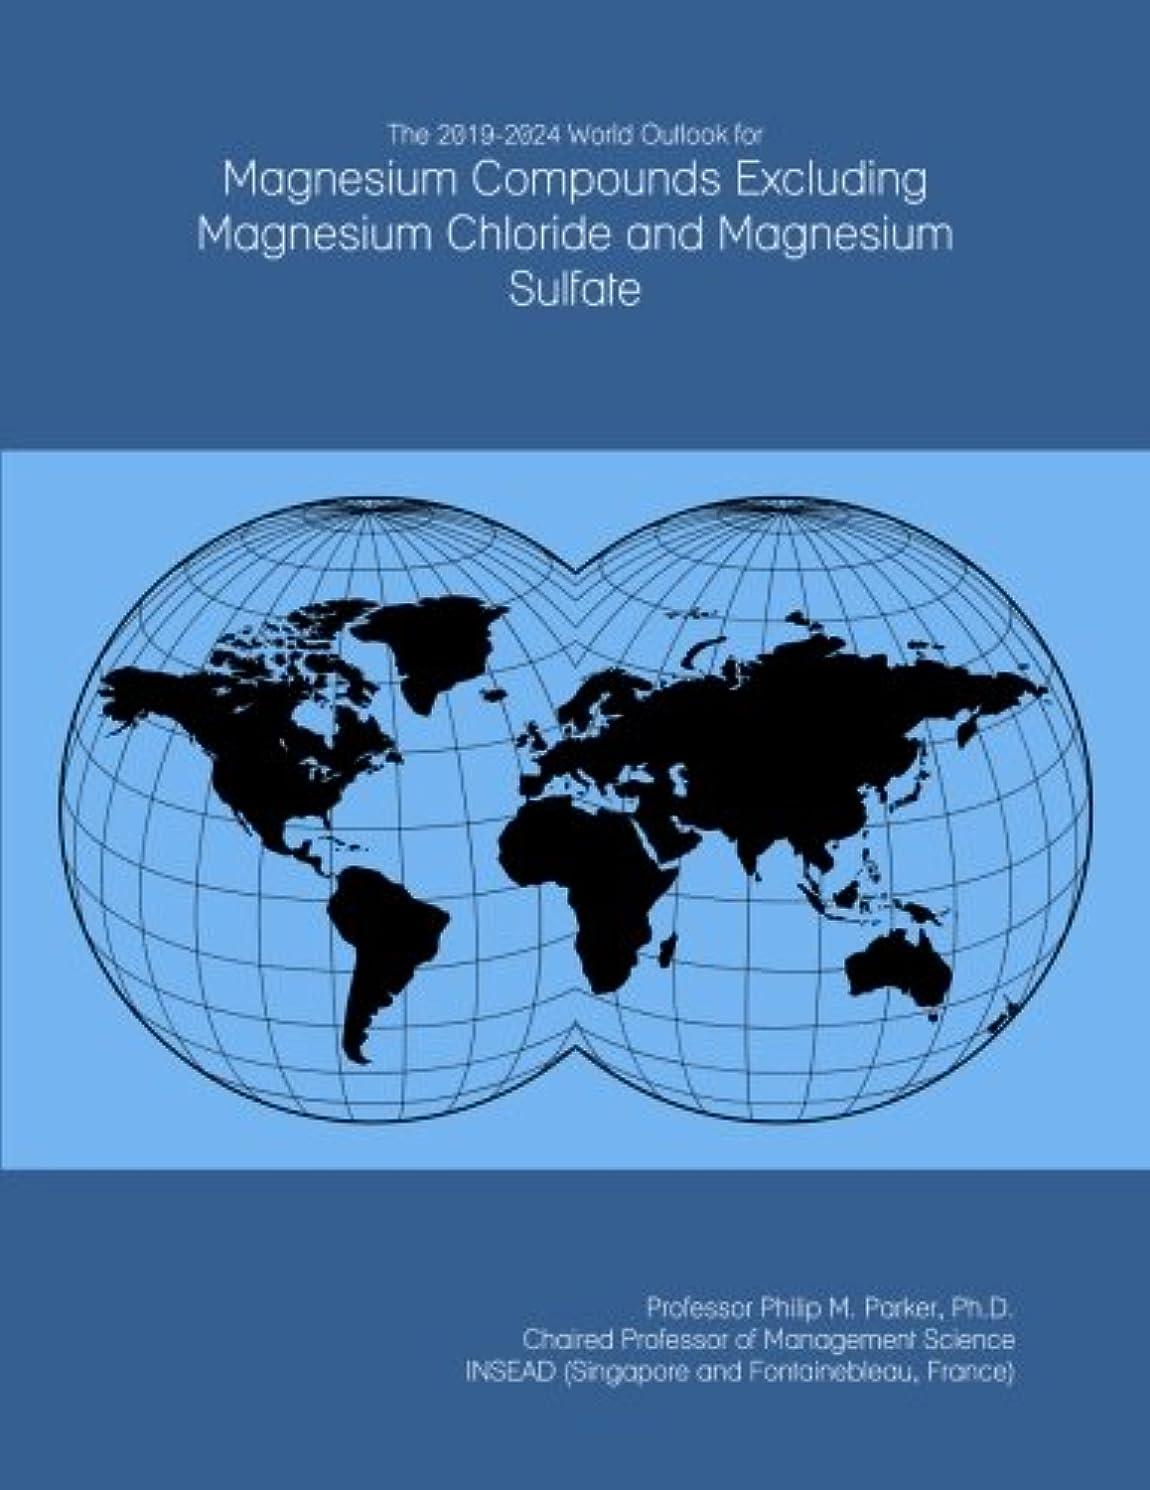 熟読ぬいぐるみフライカイトThe 2019-2024 World Outlook for Magnesium Compounds Excluding Magnesium Chloride and Magnesium Sulfate